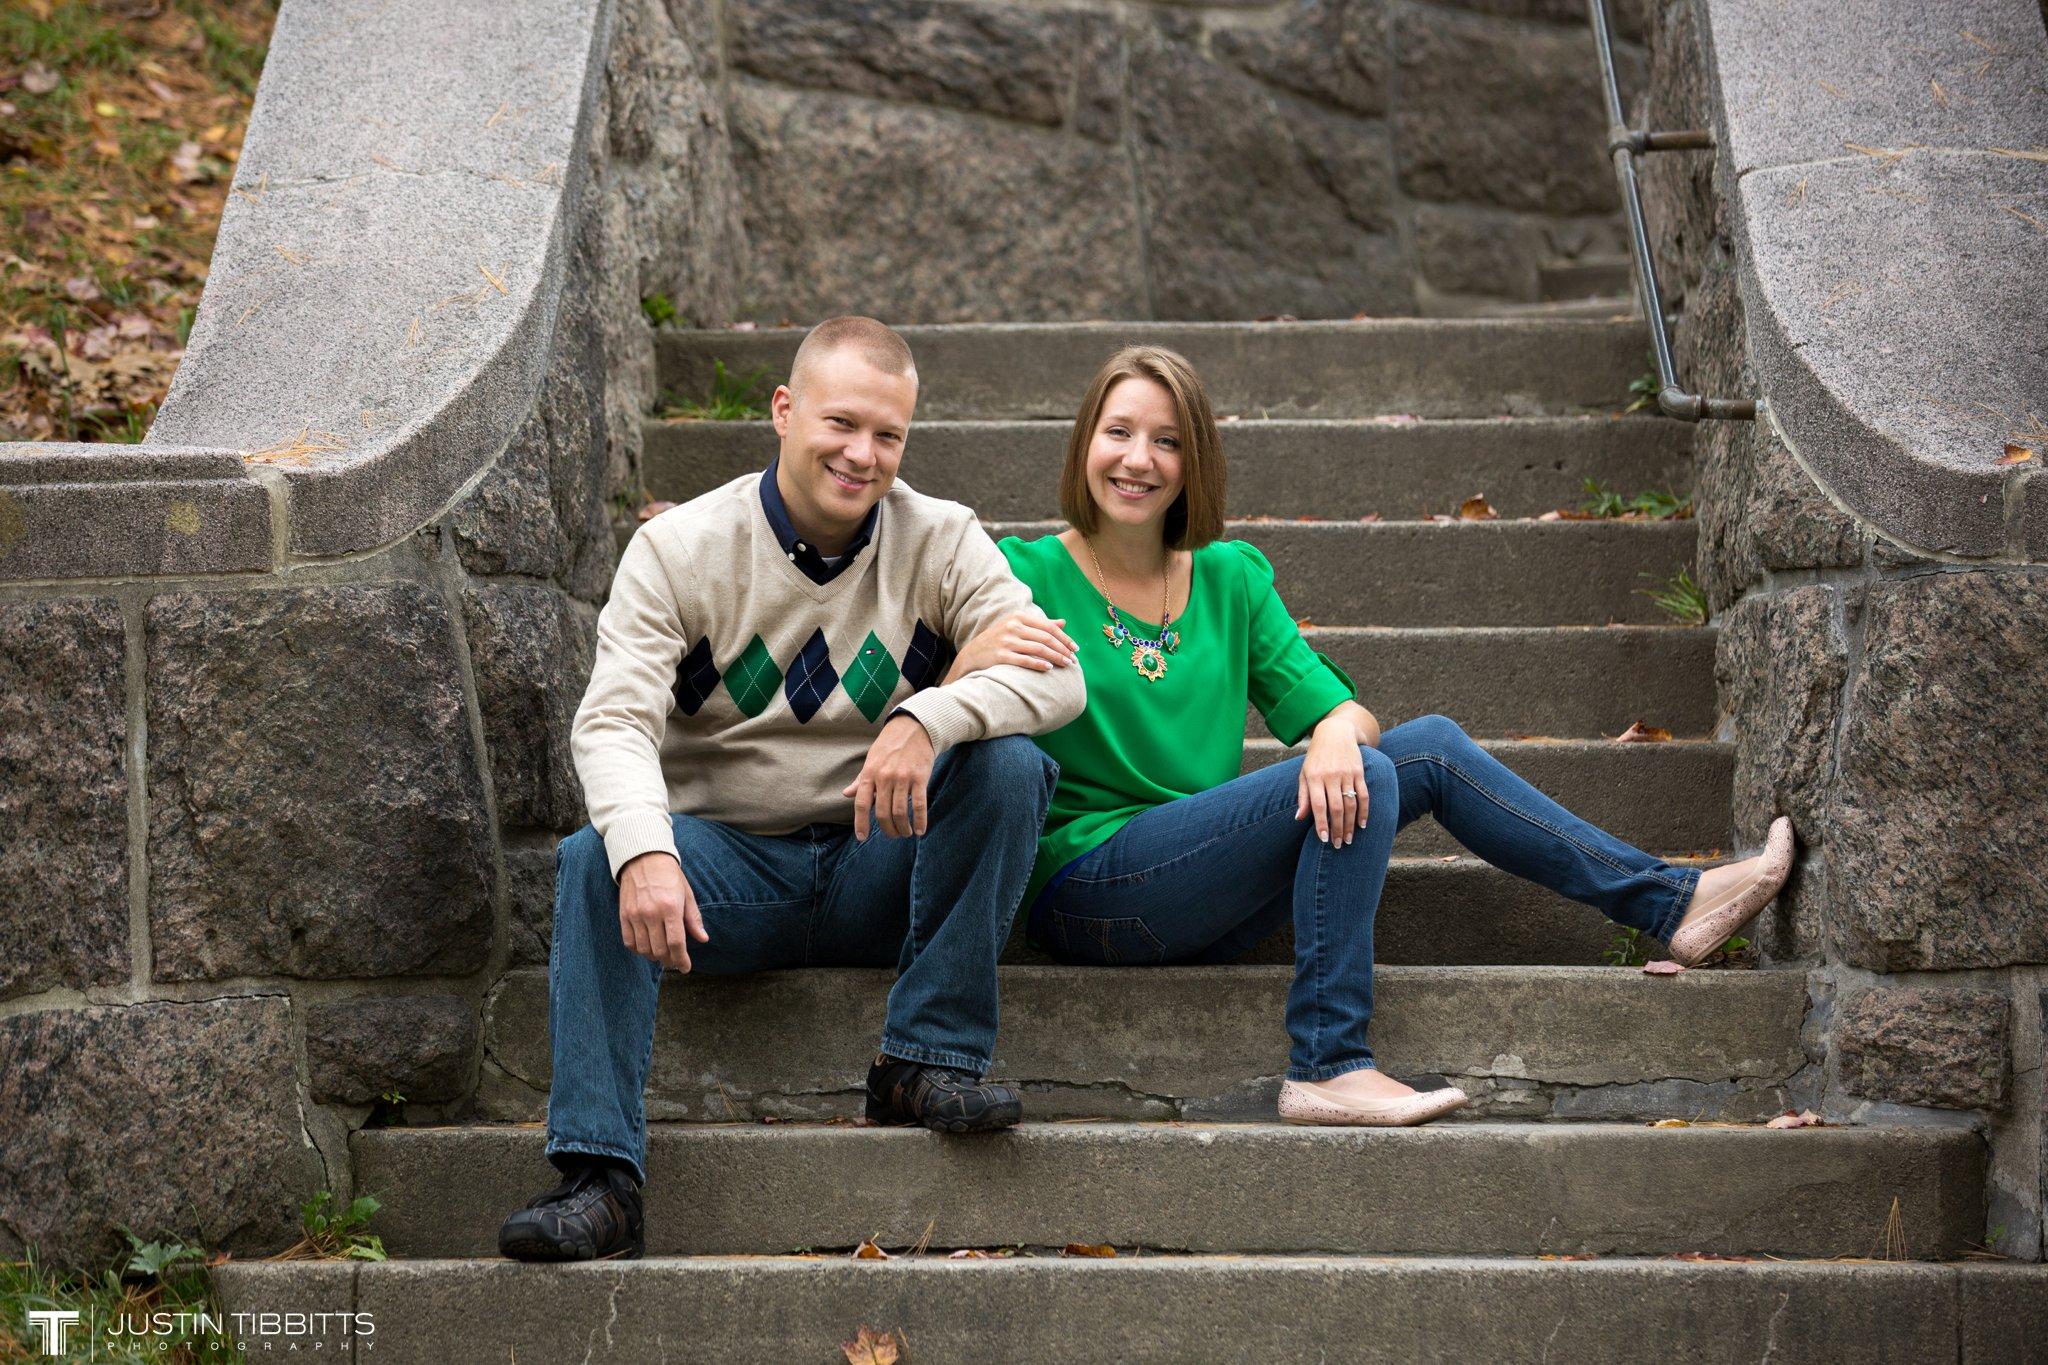 Justin Tibbitts Photography Heather and Stephen Congress Park, Saratoga, NY E-shoot-23-2